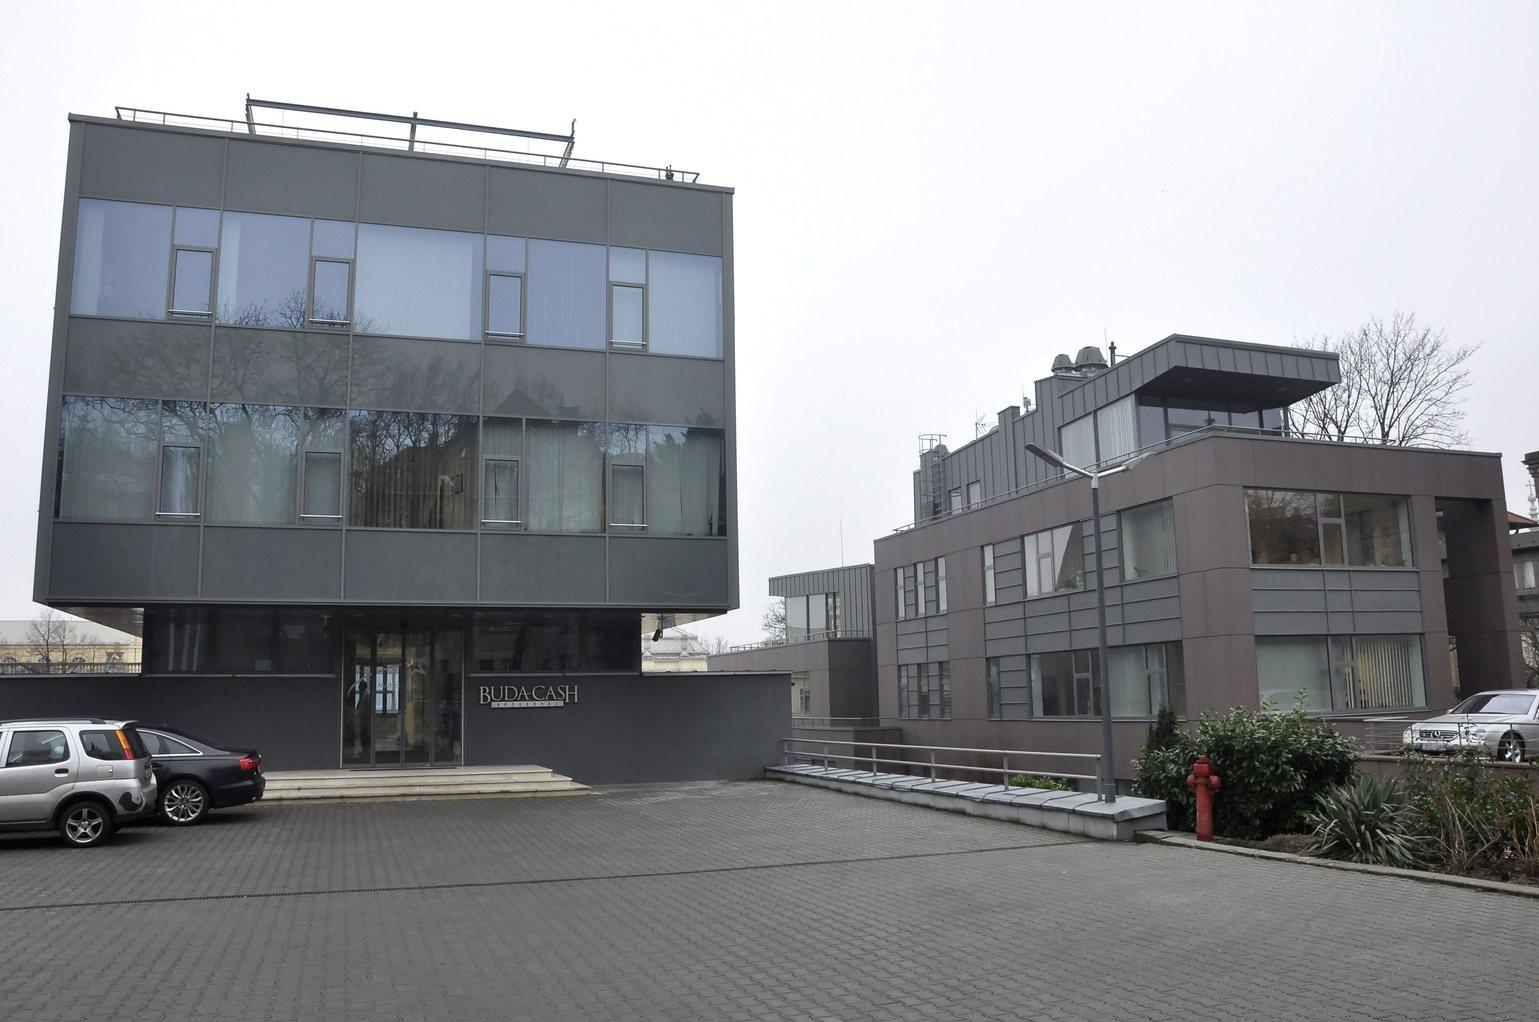 A Buda-Cash Brókerház Zrt. épülete Budapesten, a XI. kerületi Ménesi úton 2015. február 24-én. A Magyar Nemzeti Bank (MNB) több évtizedes visszaélés-sorozatot gyanít a Buda-Cash Brókerháznál, ezért azonnali hatállyal felfüggesztette működési engedélyét, és a brókerházzal összefüggésbe hozható Dél-Dunántúli Regionális Bank (DRB) bankcsoporthoz tartozó négy banknál is korlátozó intézkedéseket, így a betétkifizetés 1 millió forintos korlátozását rendelte el. MTI Fotó: Sallmayer Gábor